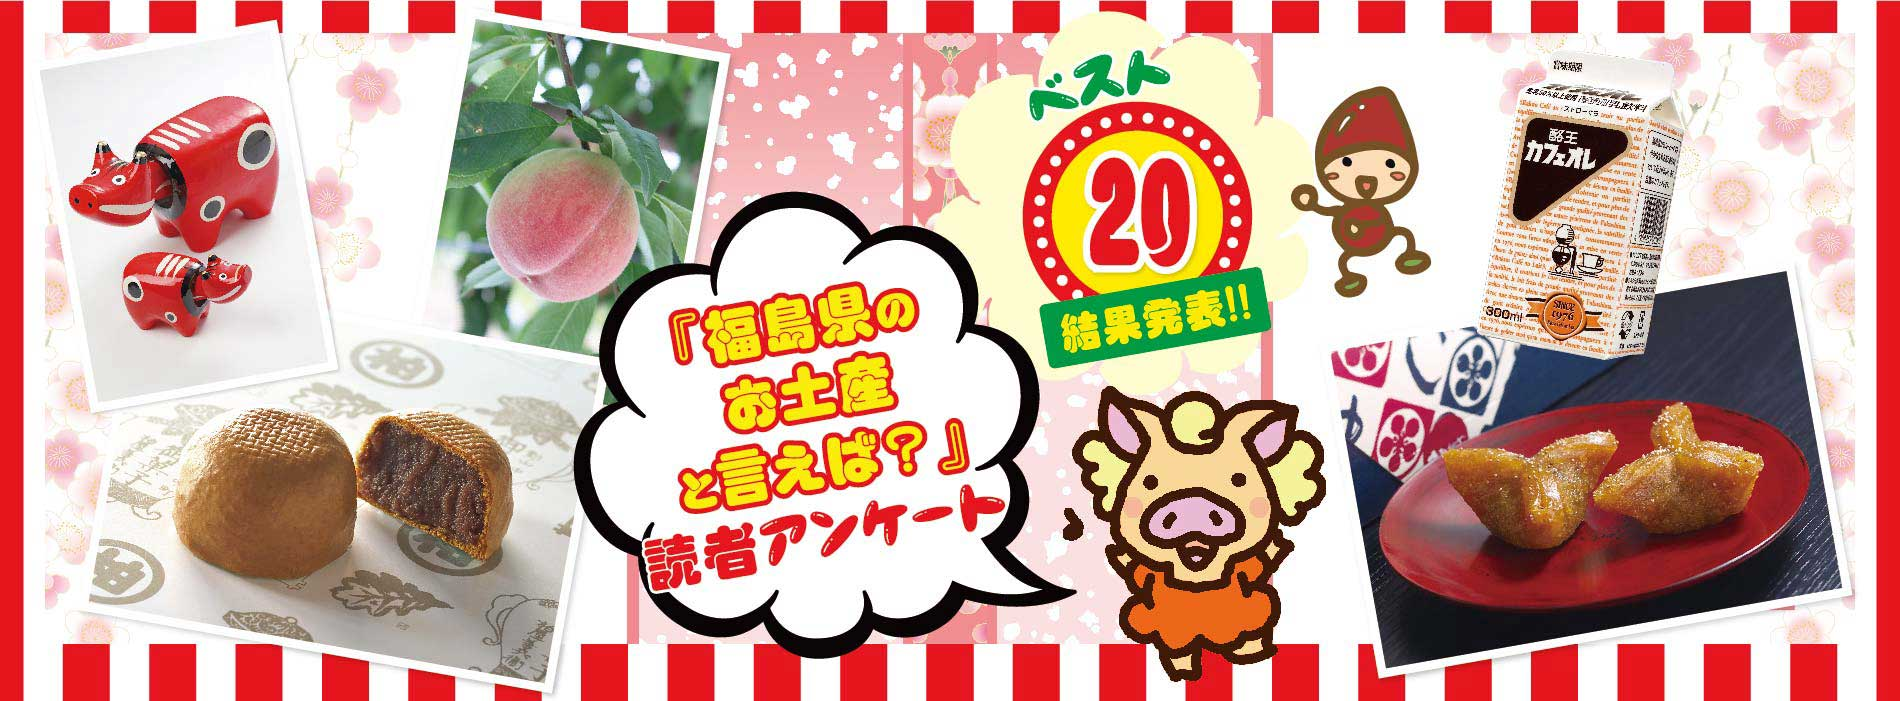 福島県のお土産ランキング2020